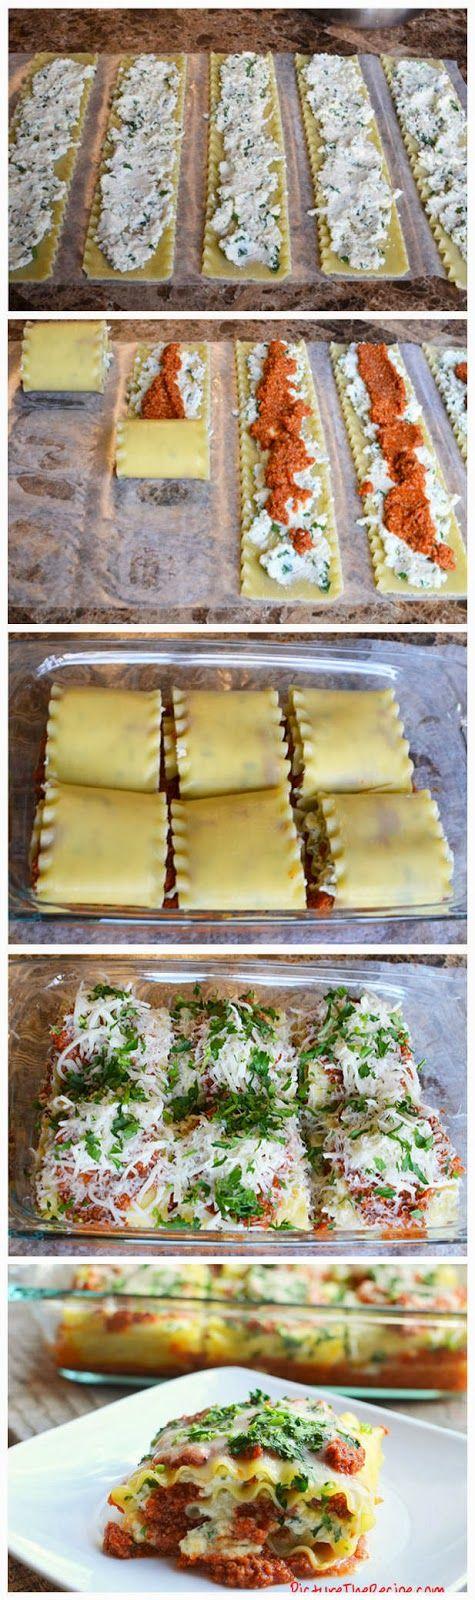 Lasagna Rolls - Truelifekitchen